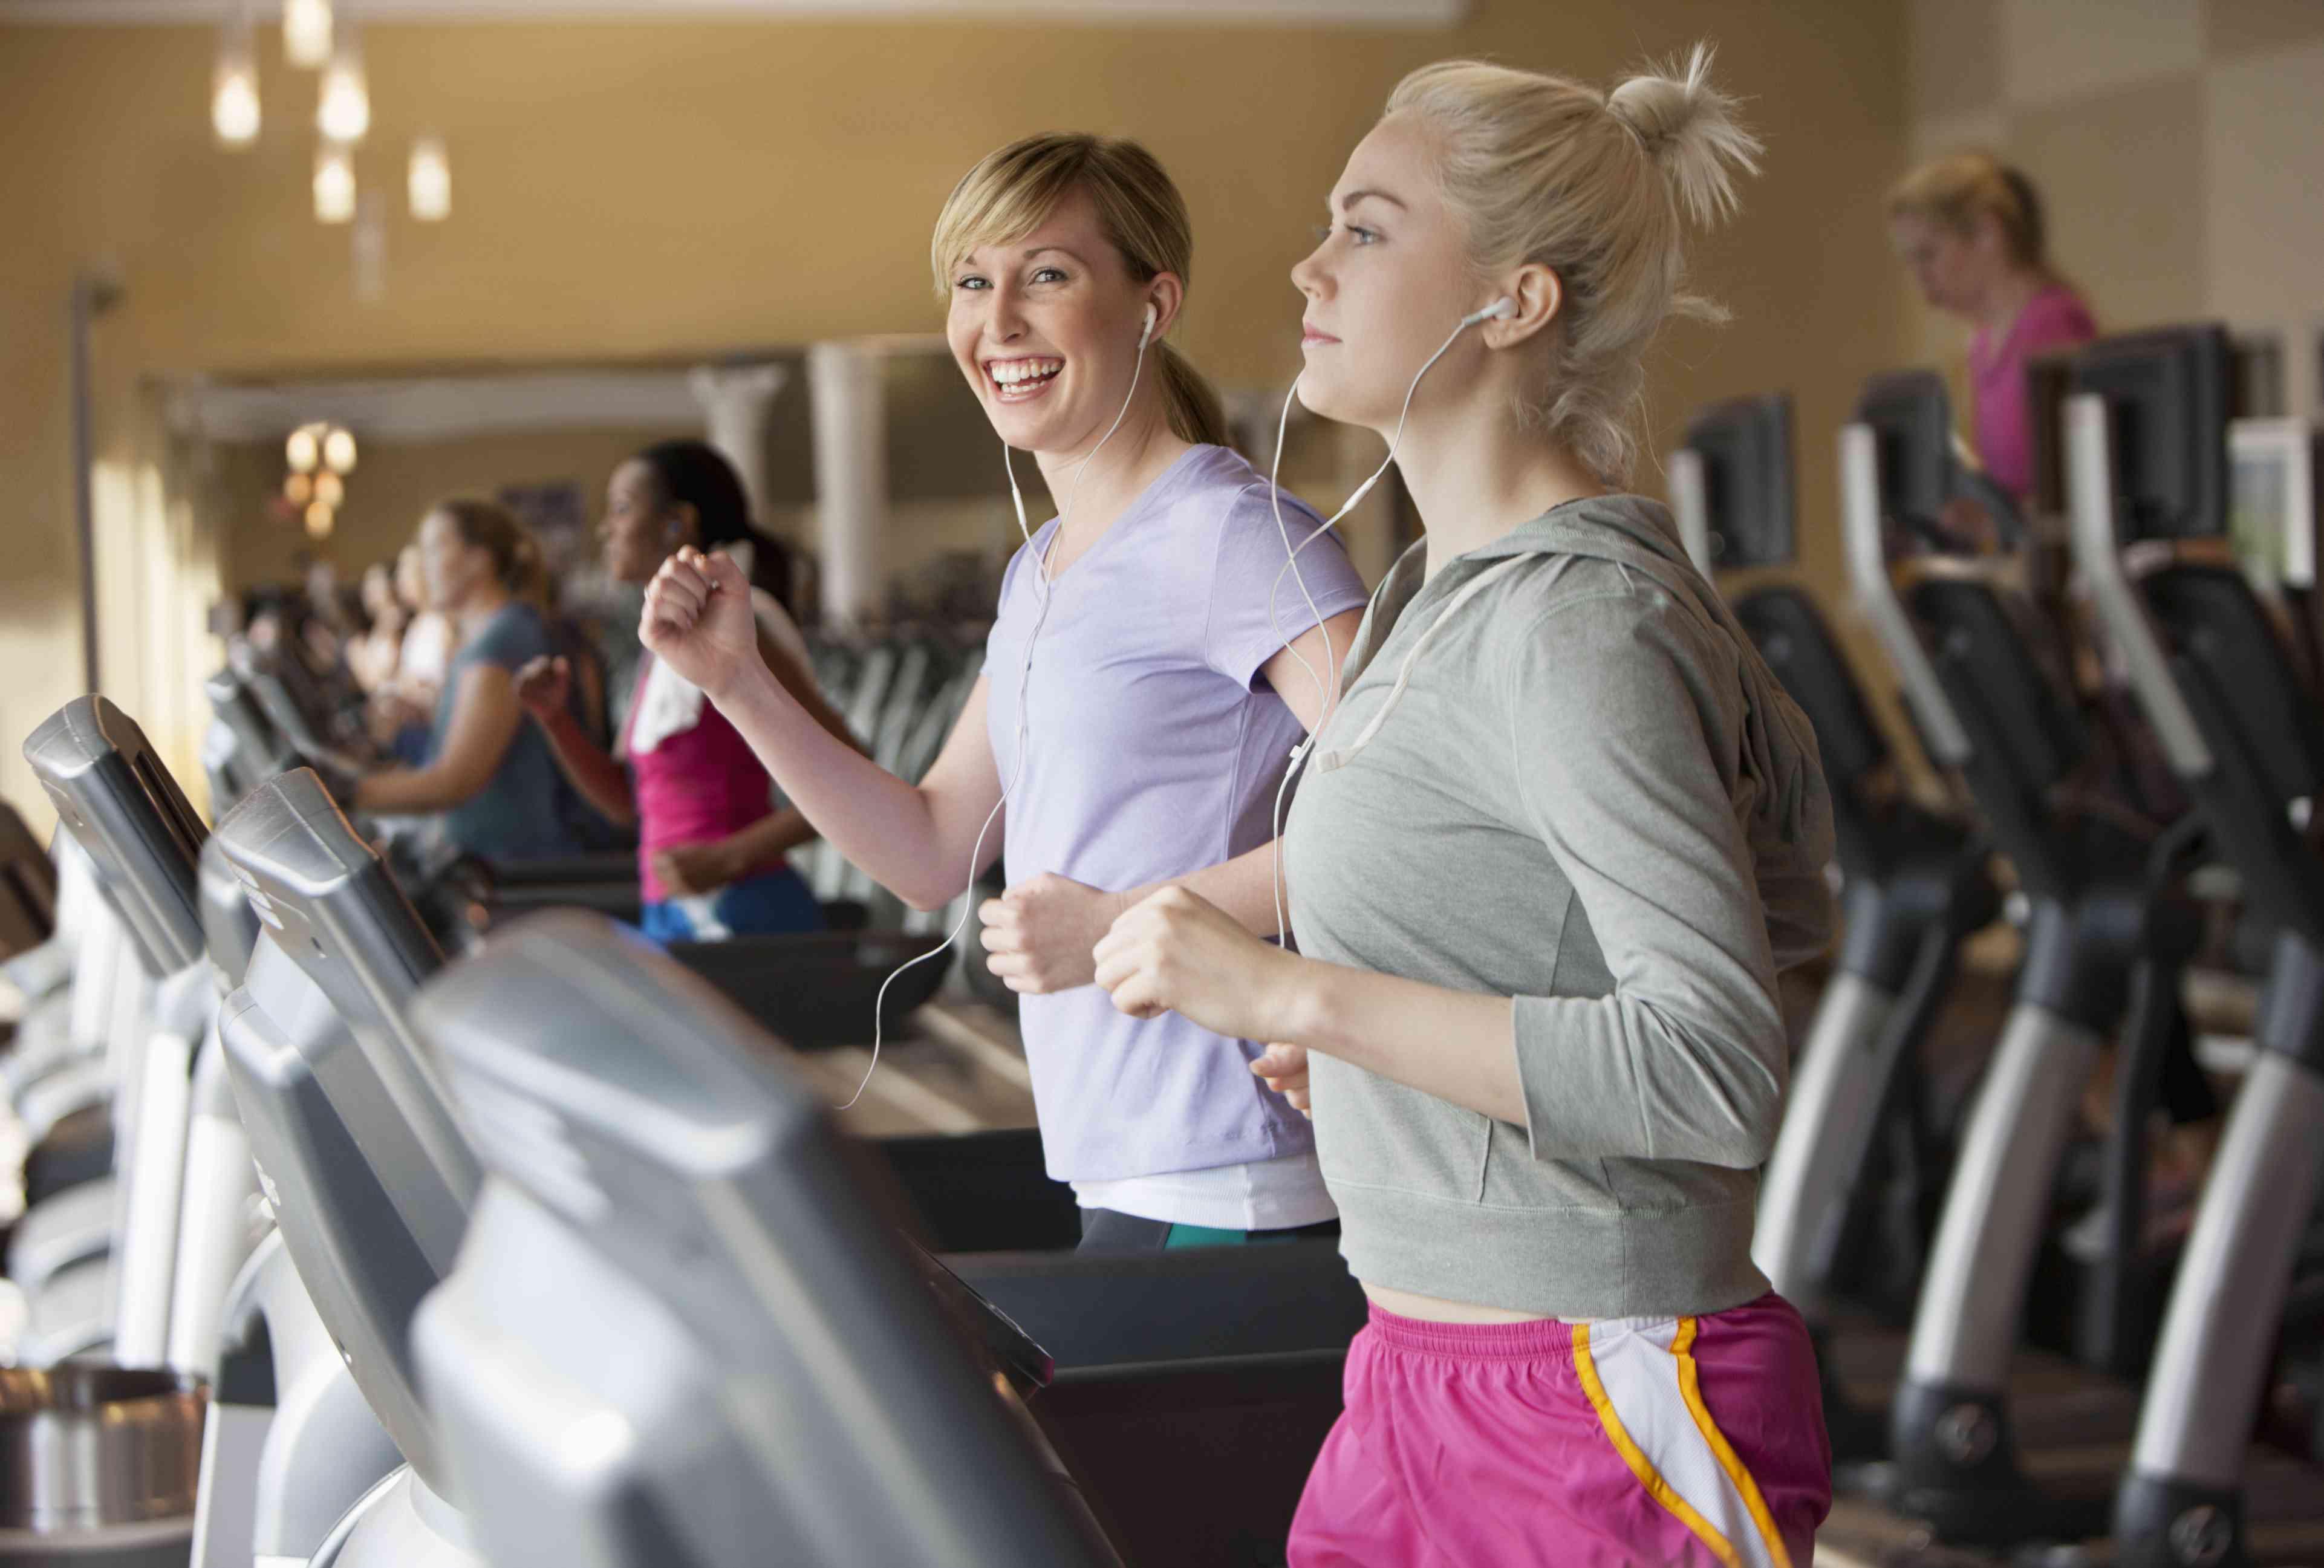 Speed walking on treadmills